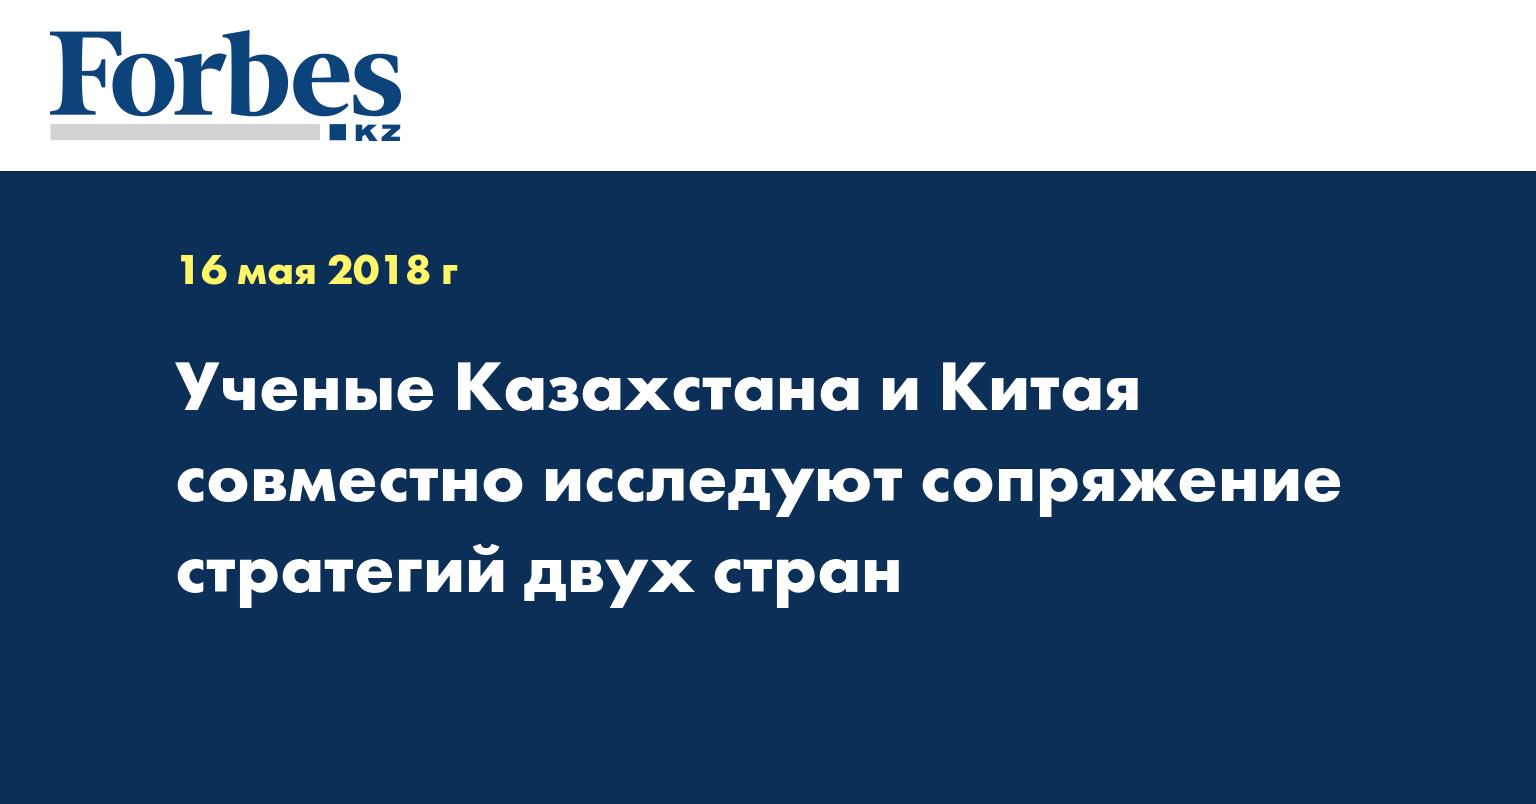 Ученые Казахстана и Китая совместно исследуют сопряжение стратегий двух стран